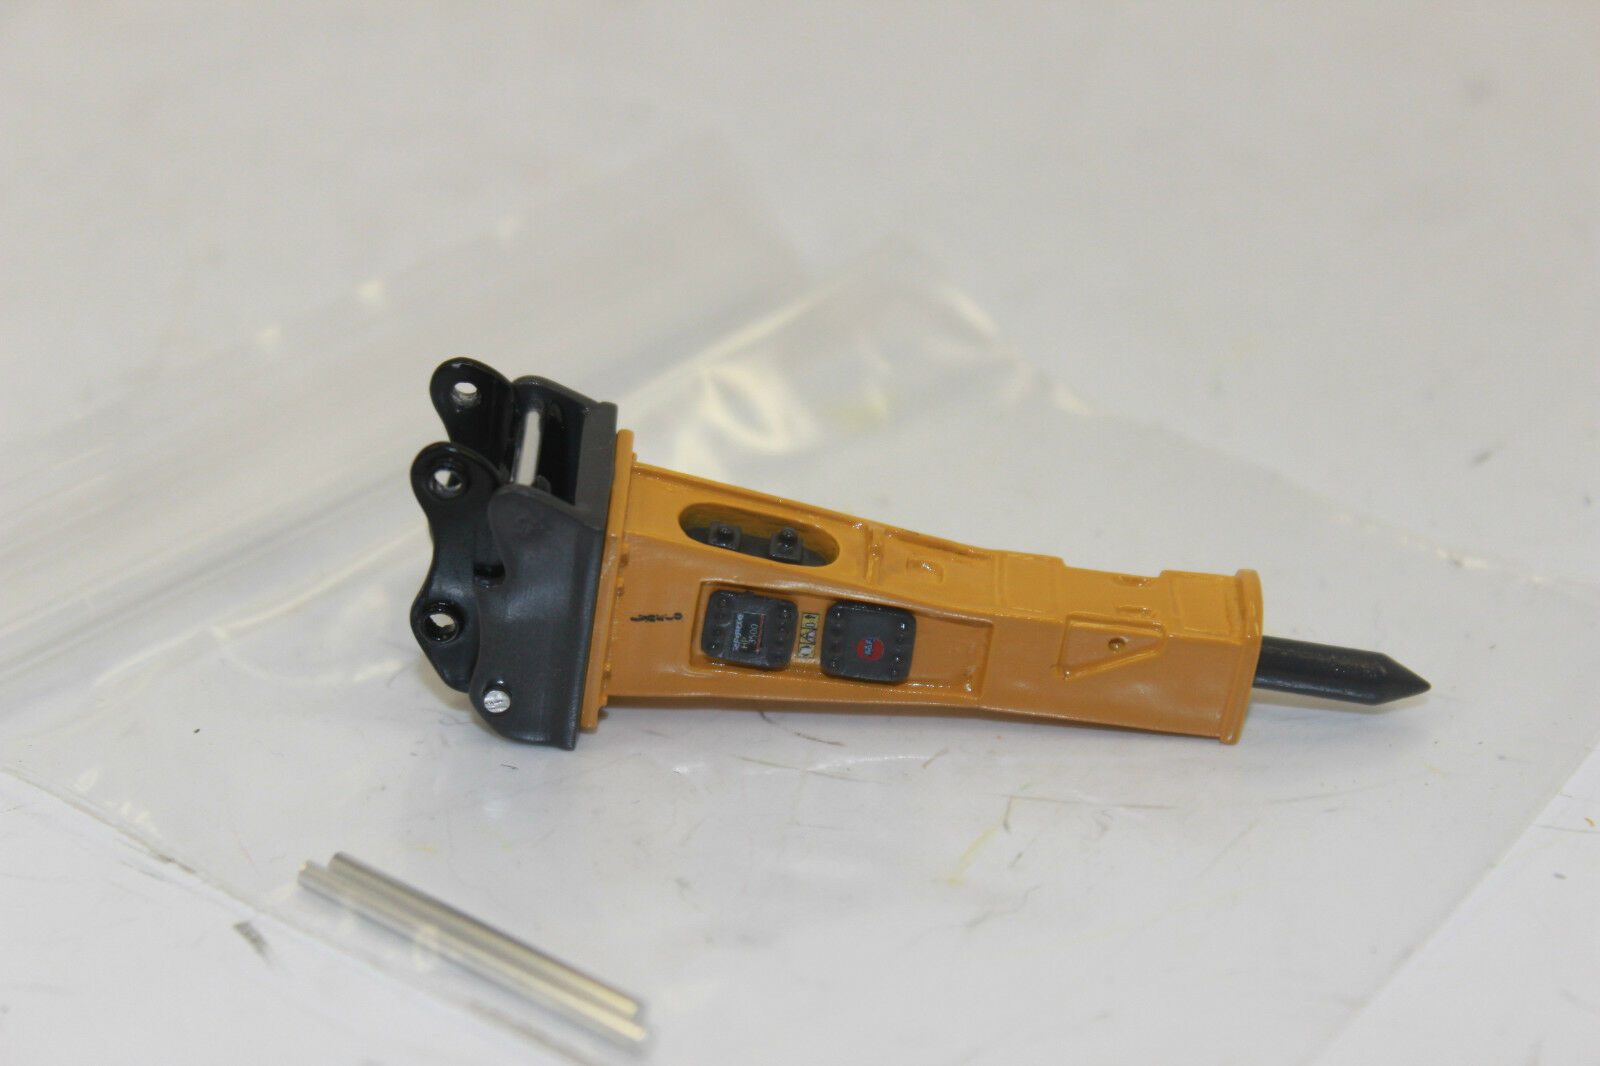 Gaz Evans gf-50 Indeco HP 3500 Hammer 1 50 con caricatore rapido NUOVO con OVP